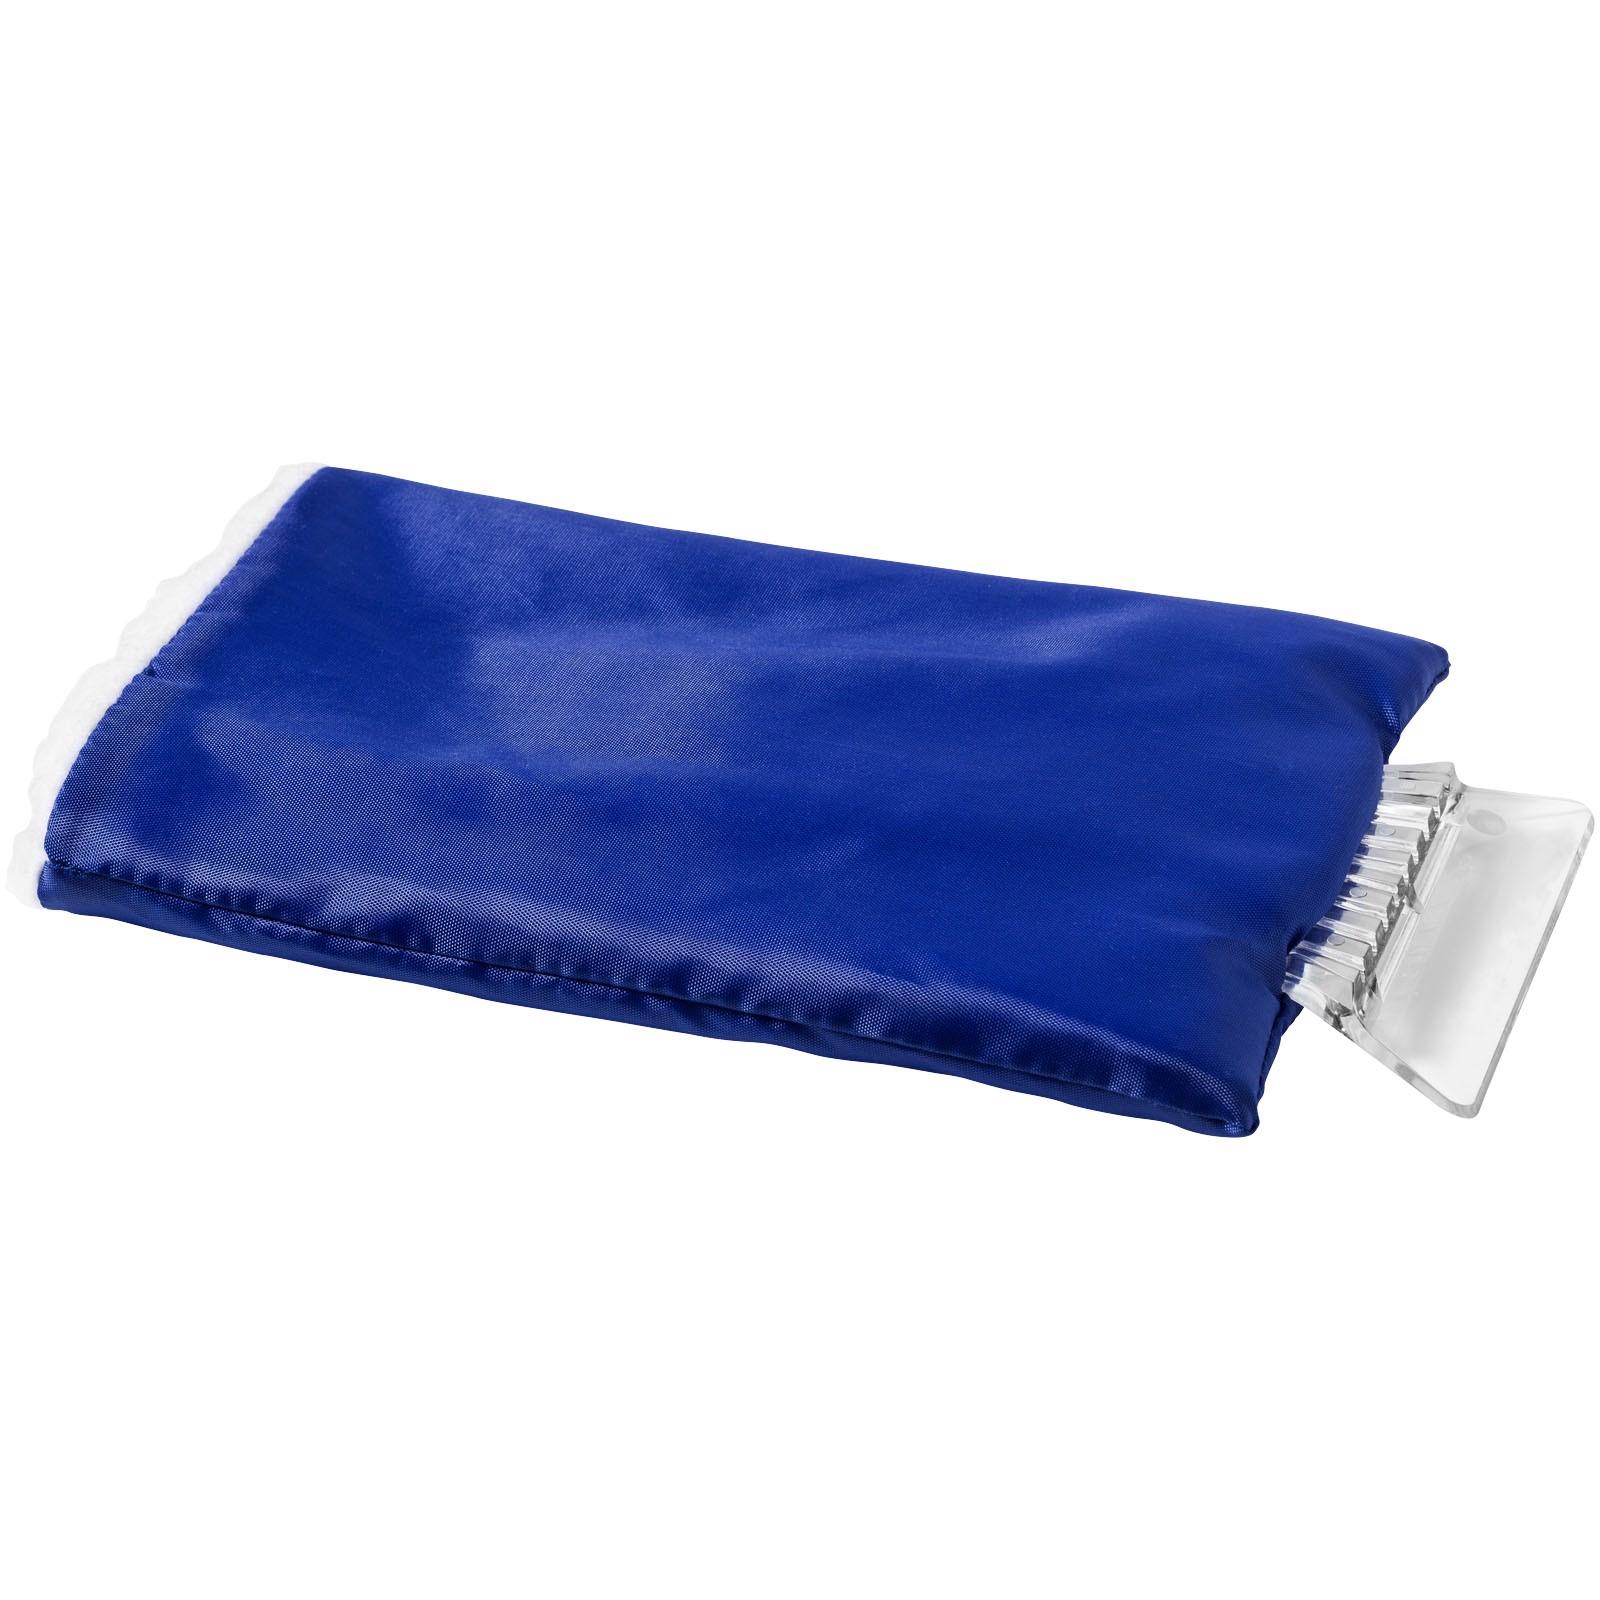 Škrabka na led Colt s rukavicí - Modrá